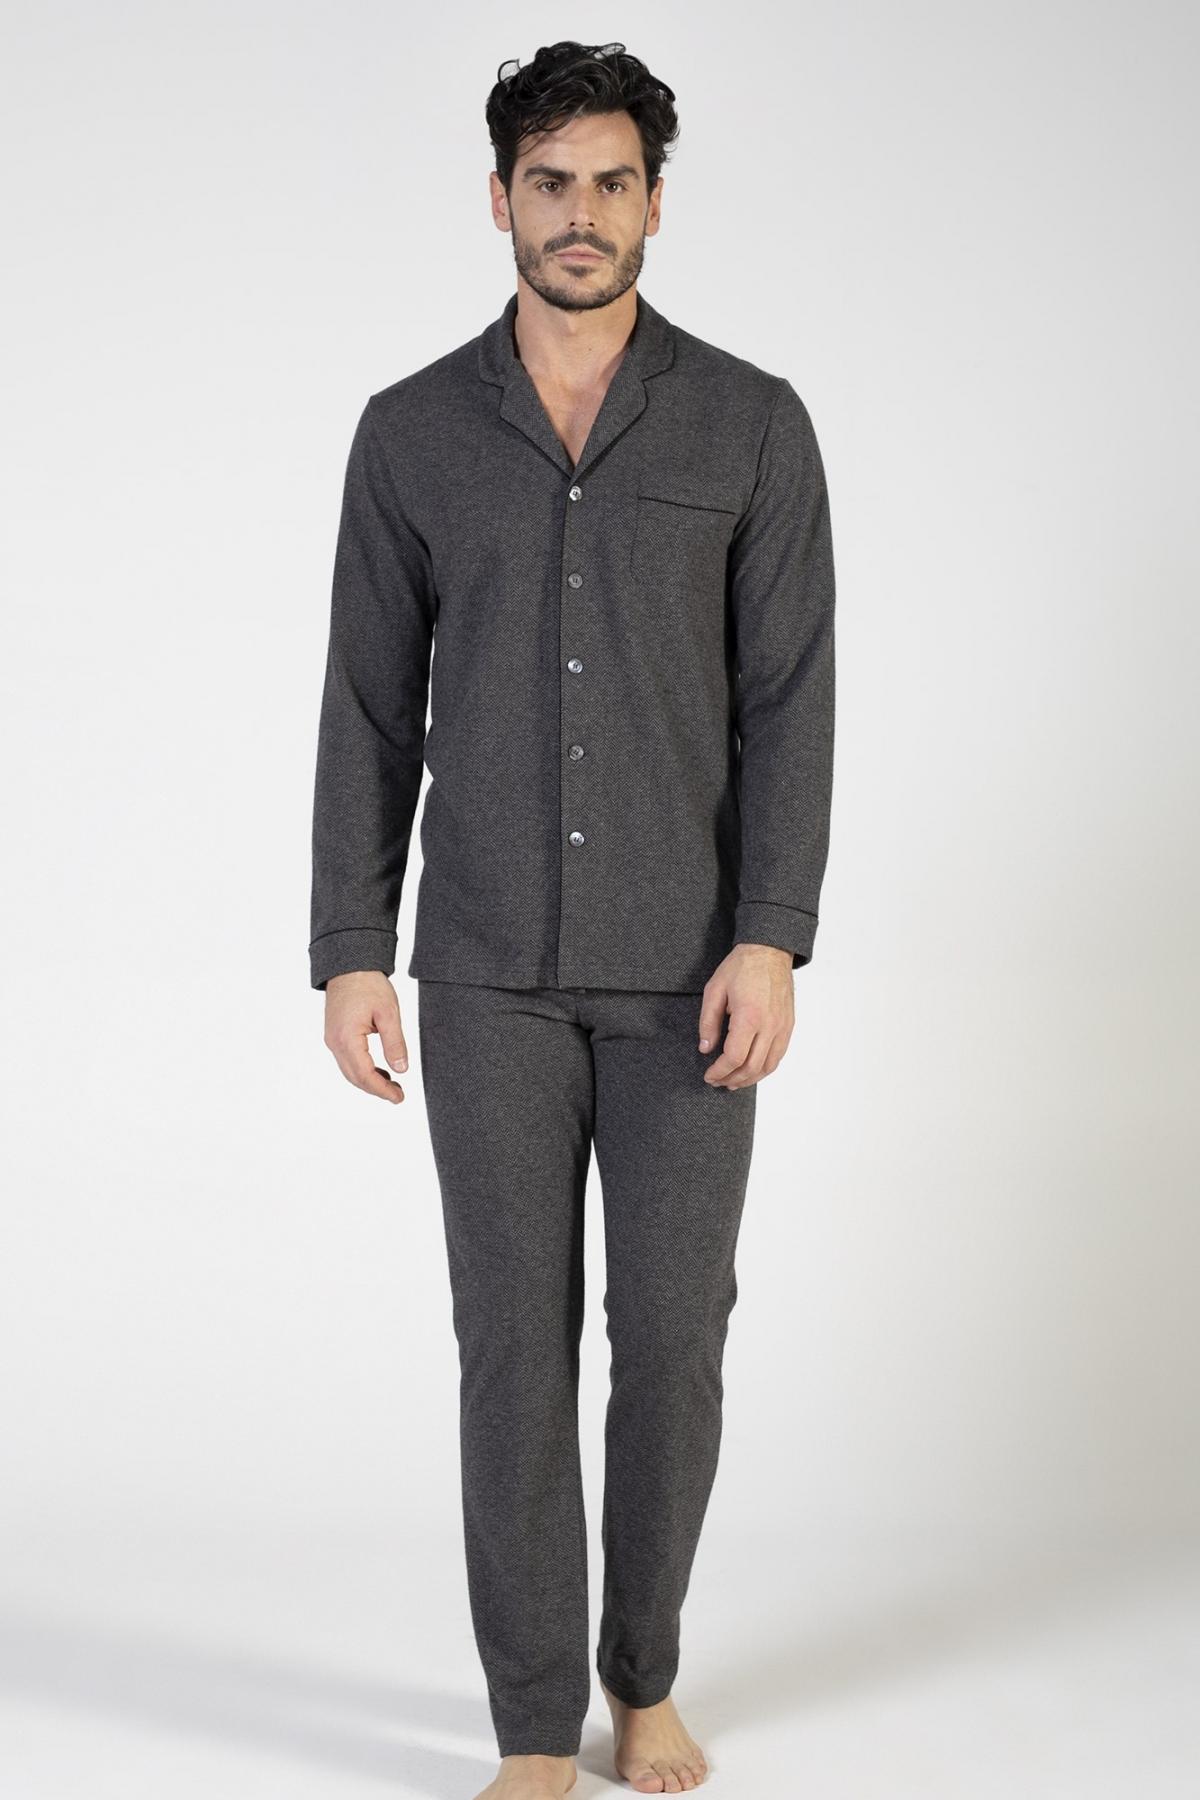 Pigiama Classico in maglia misto cotone jacquard con taschino verdiani uomo